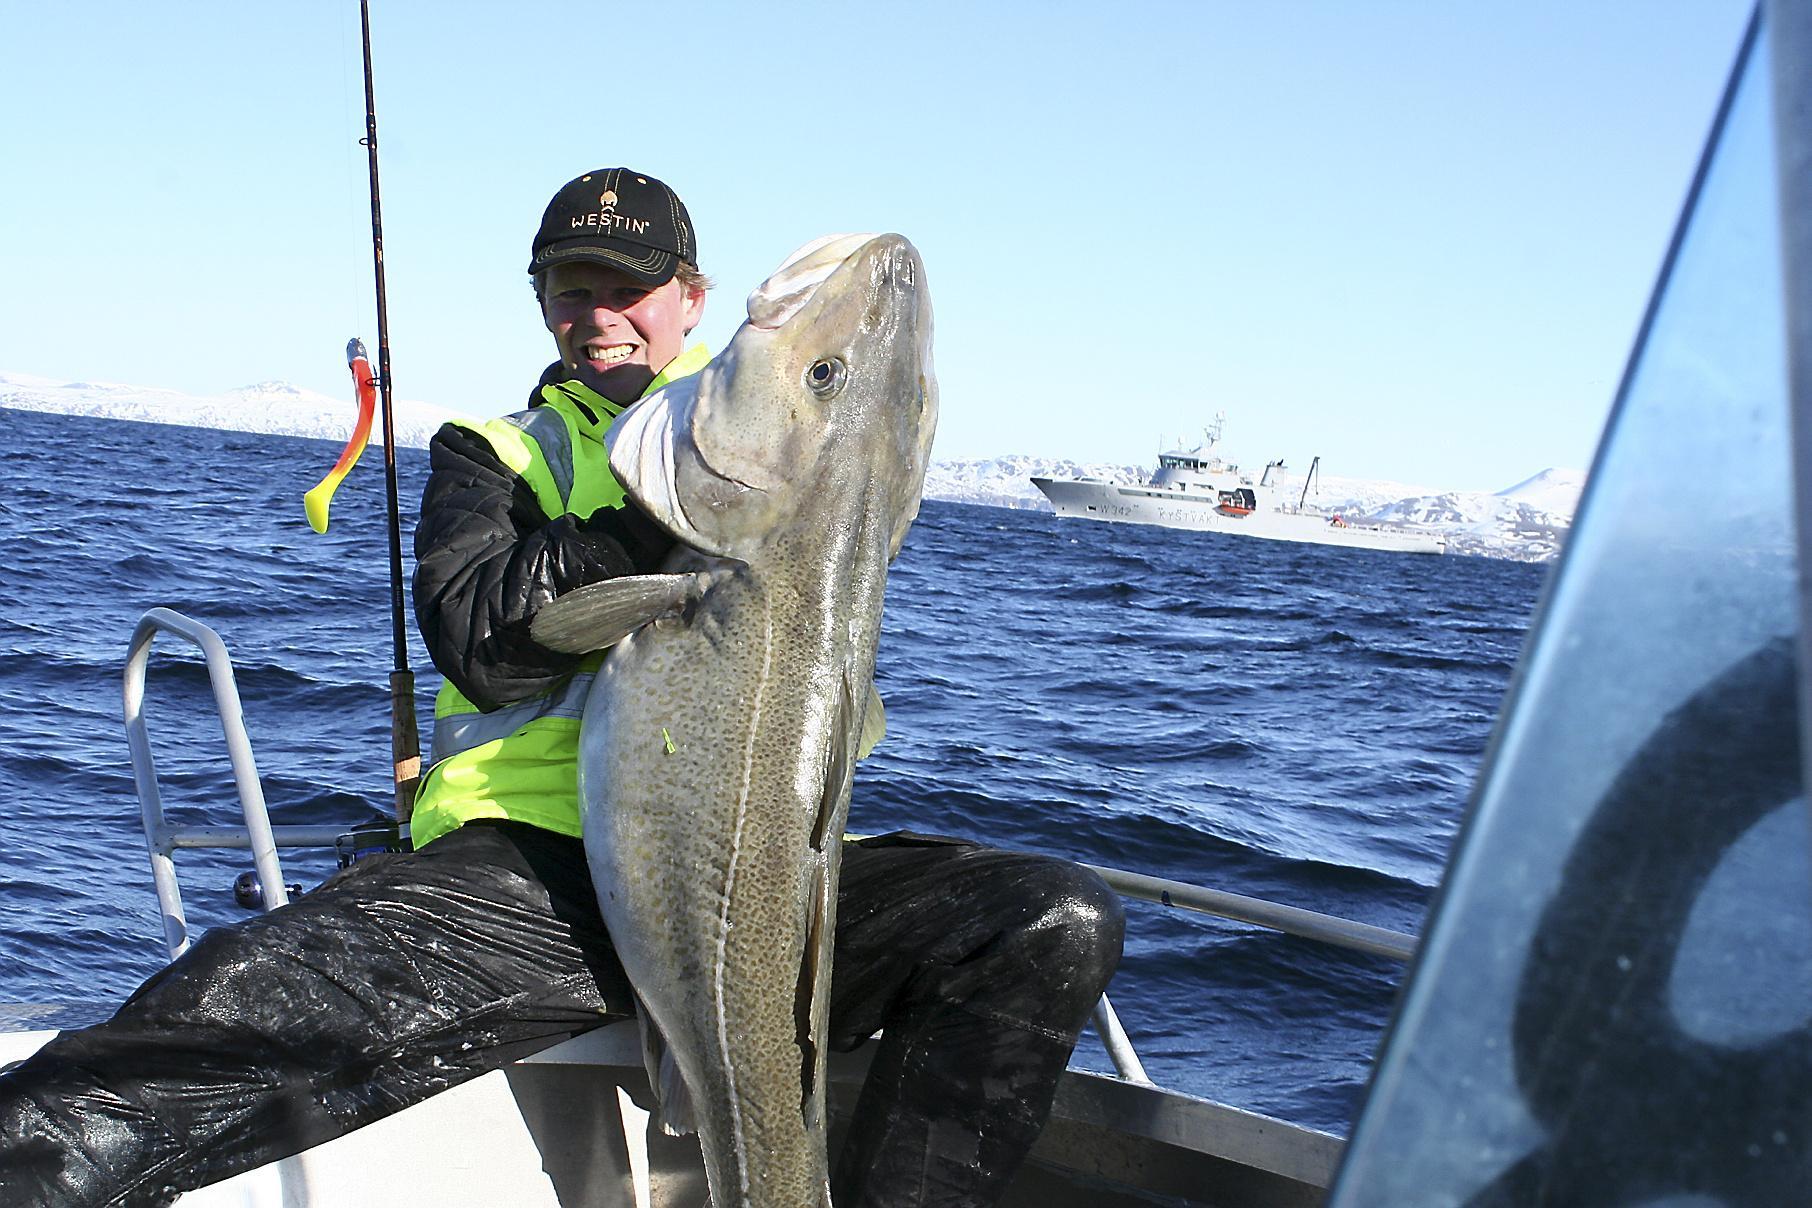 De skrei is weer in IJmuiden. De kabeljauwliefhebber verheugt zich op de 'vis der liefde' die ook een probaat middel zou zijn tegen corona